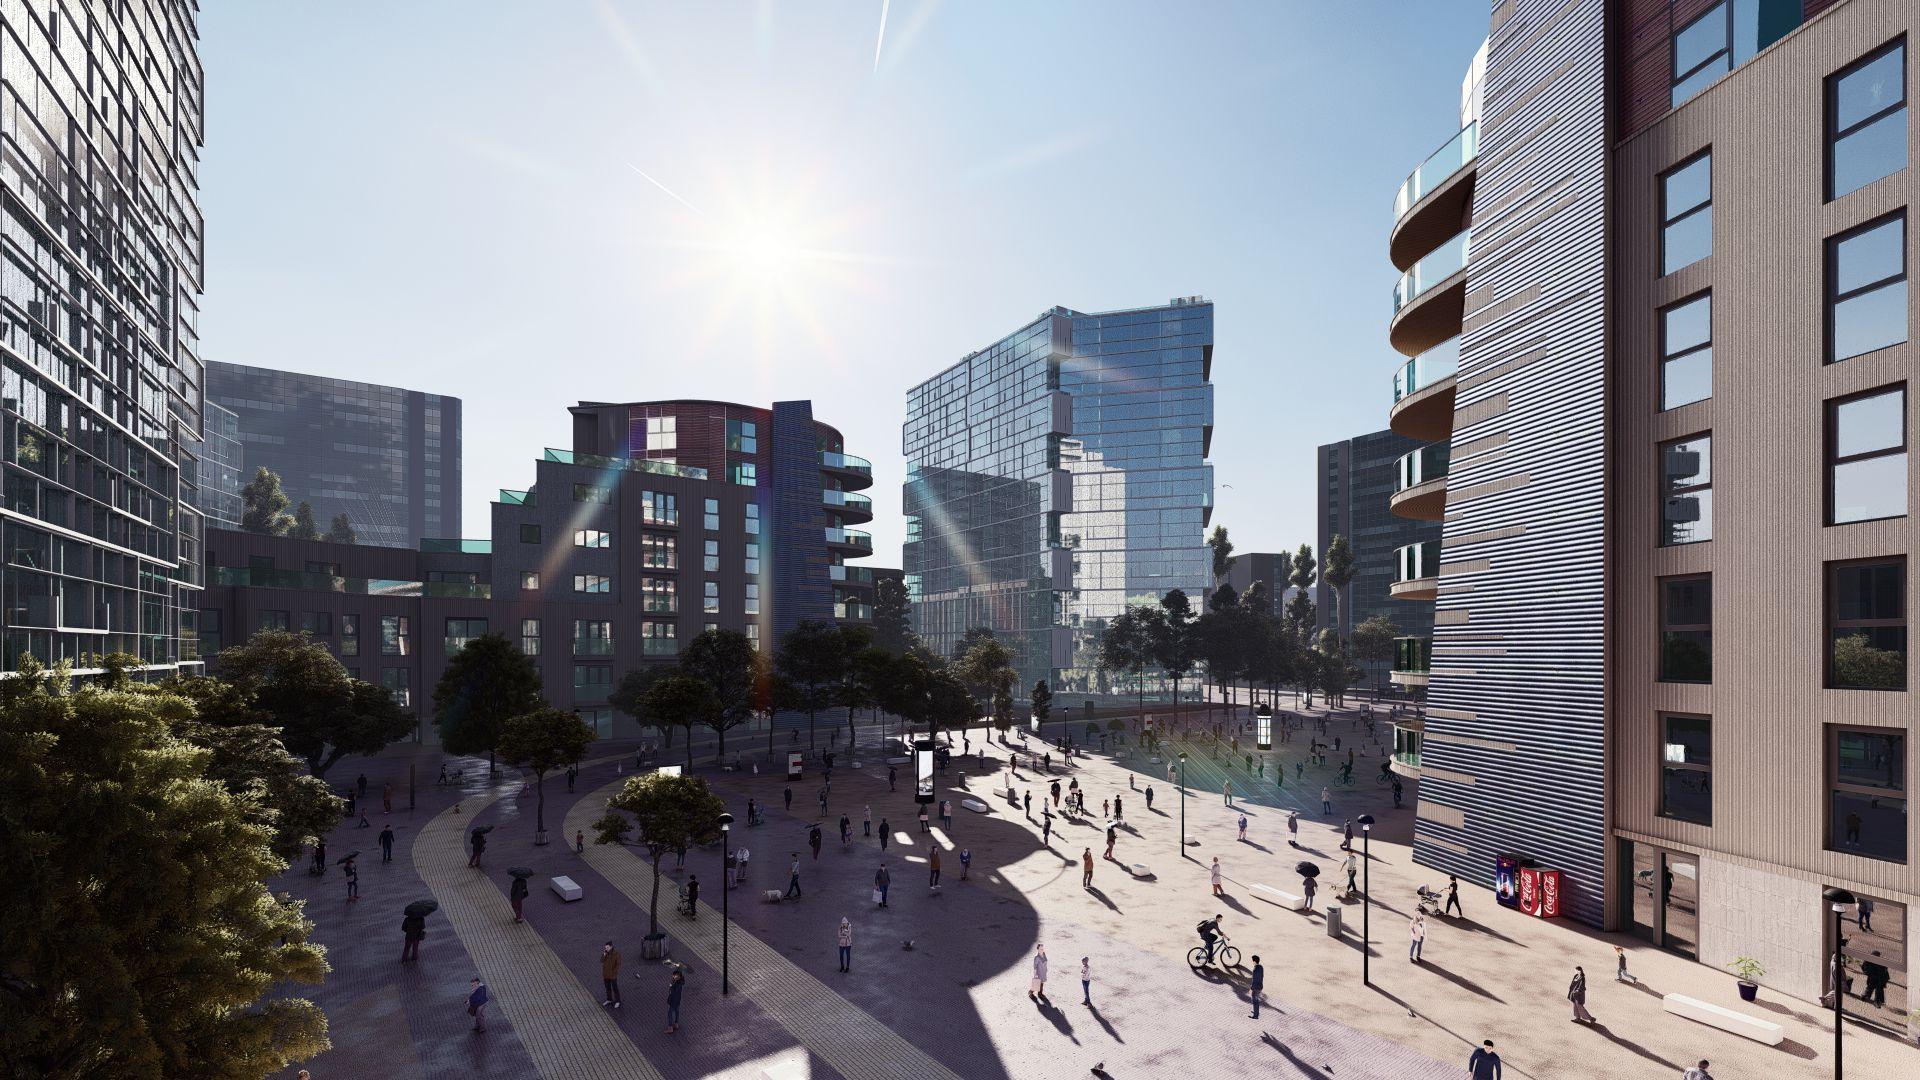 arhitektuurne 3d visualiseerimine hoone plokk 5